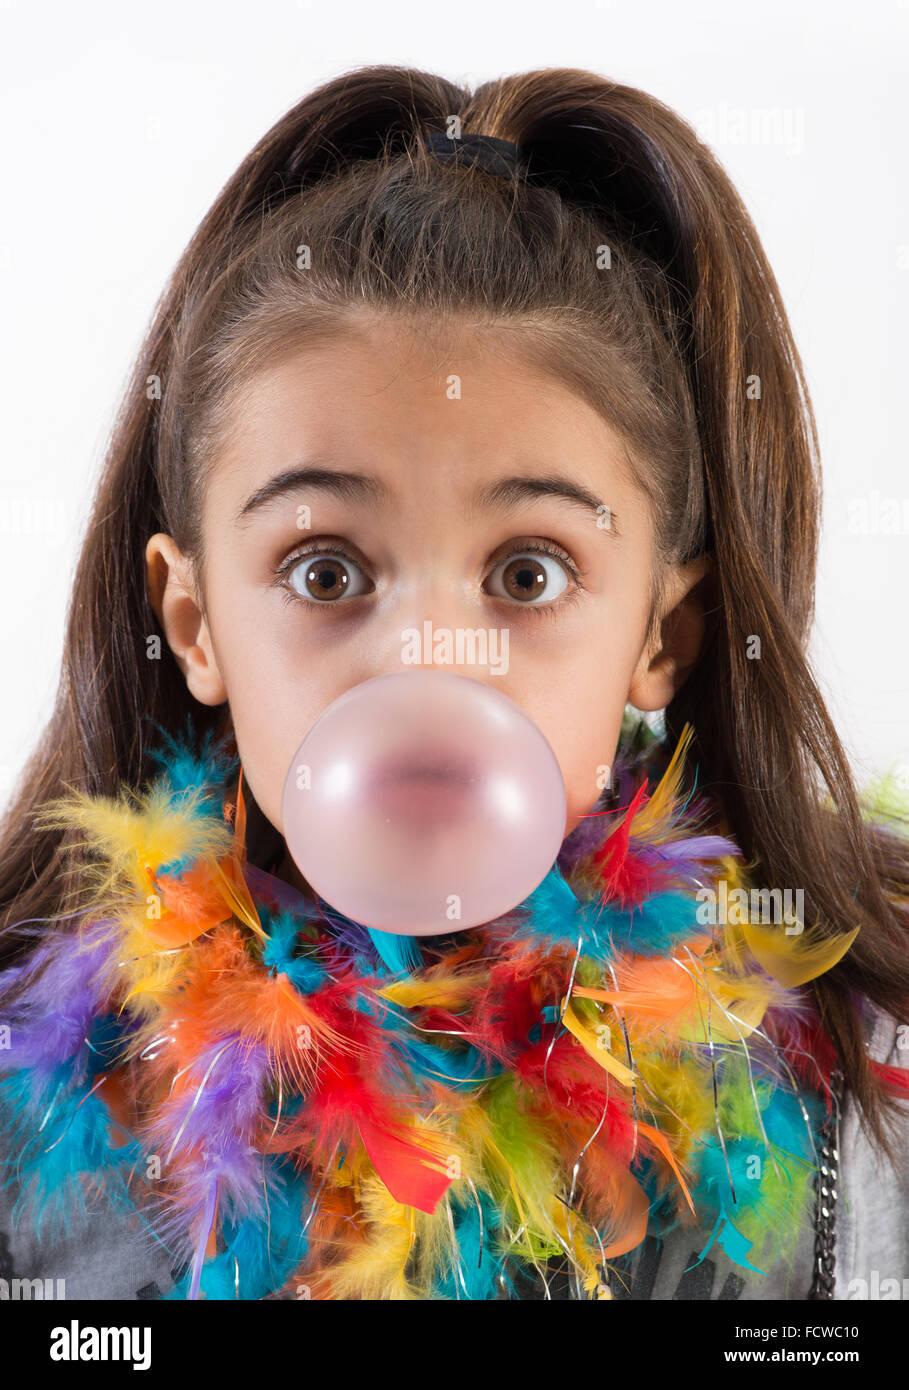 Cute Little Girl soplando una burbuja de chicle con gran sorpresa los ojos y plumas vistosas alrededor de su cuello Imagen De Stock